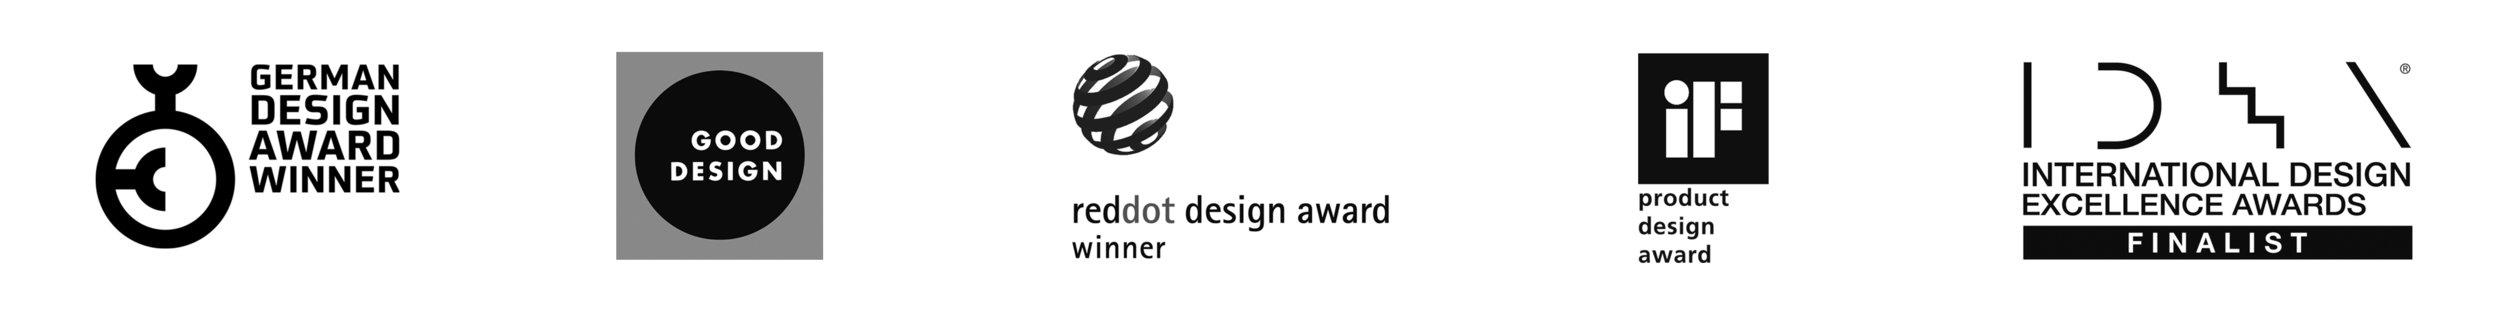 Awards_2.jpg